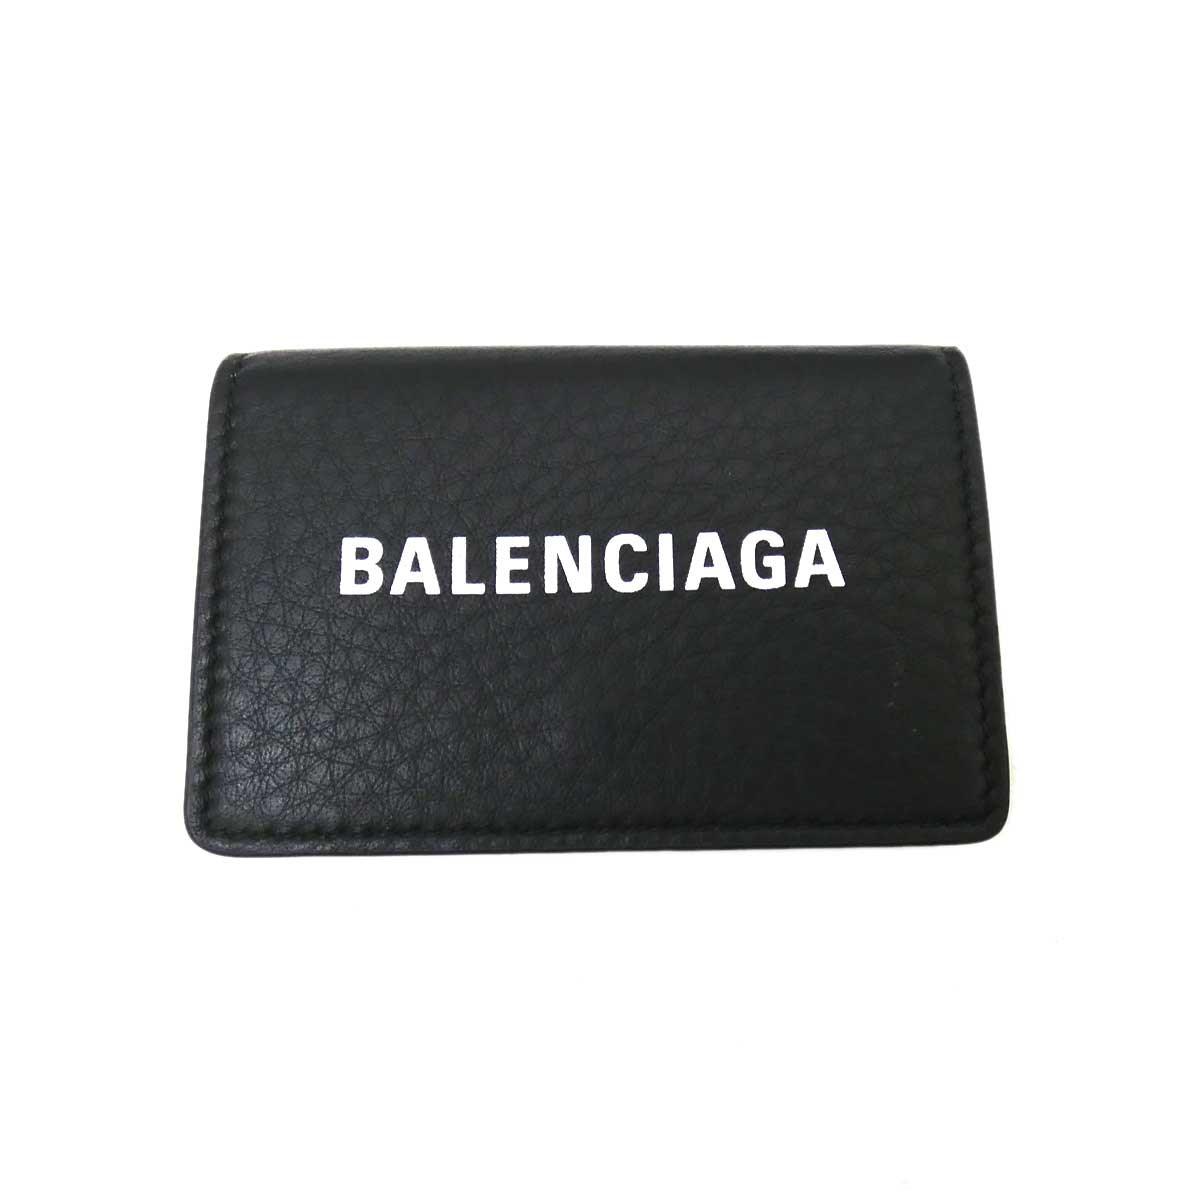 【中古】BALENCIAGA エブリディミニウォレット ブラック 【060420】(バレンシアガ)